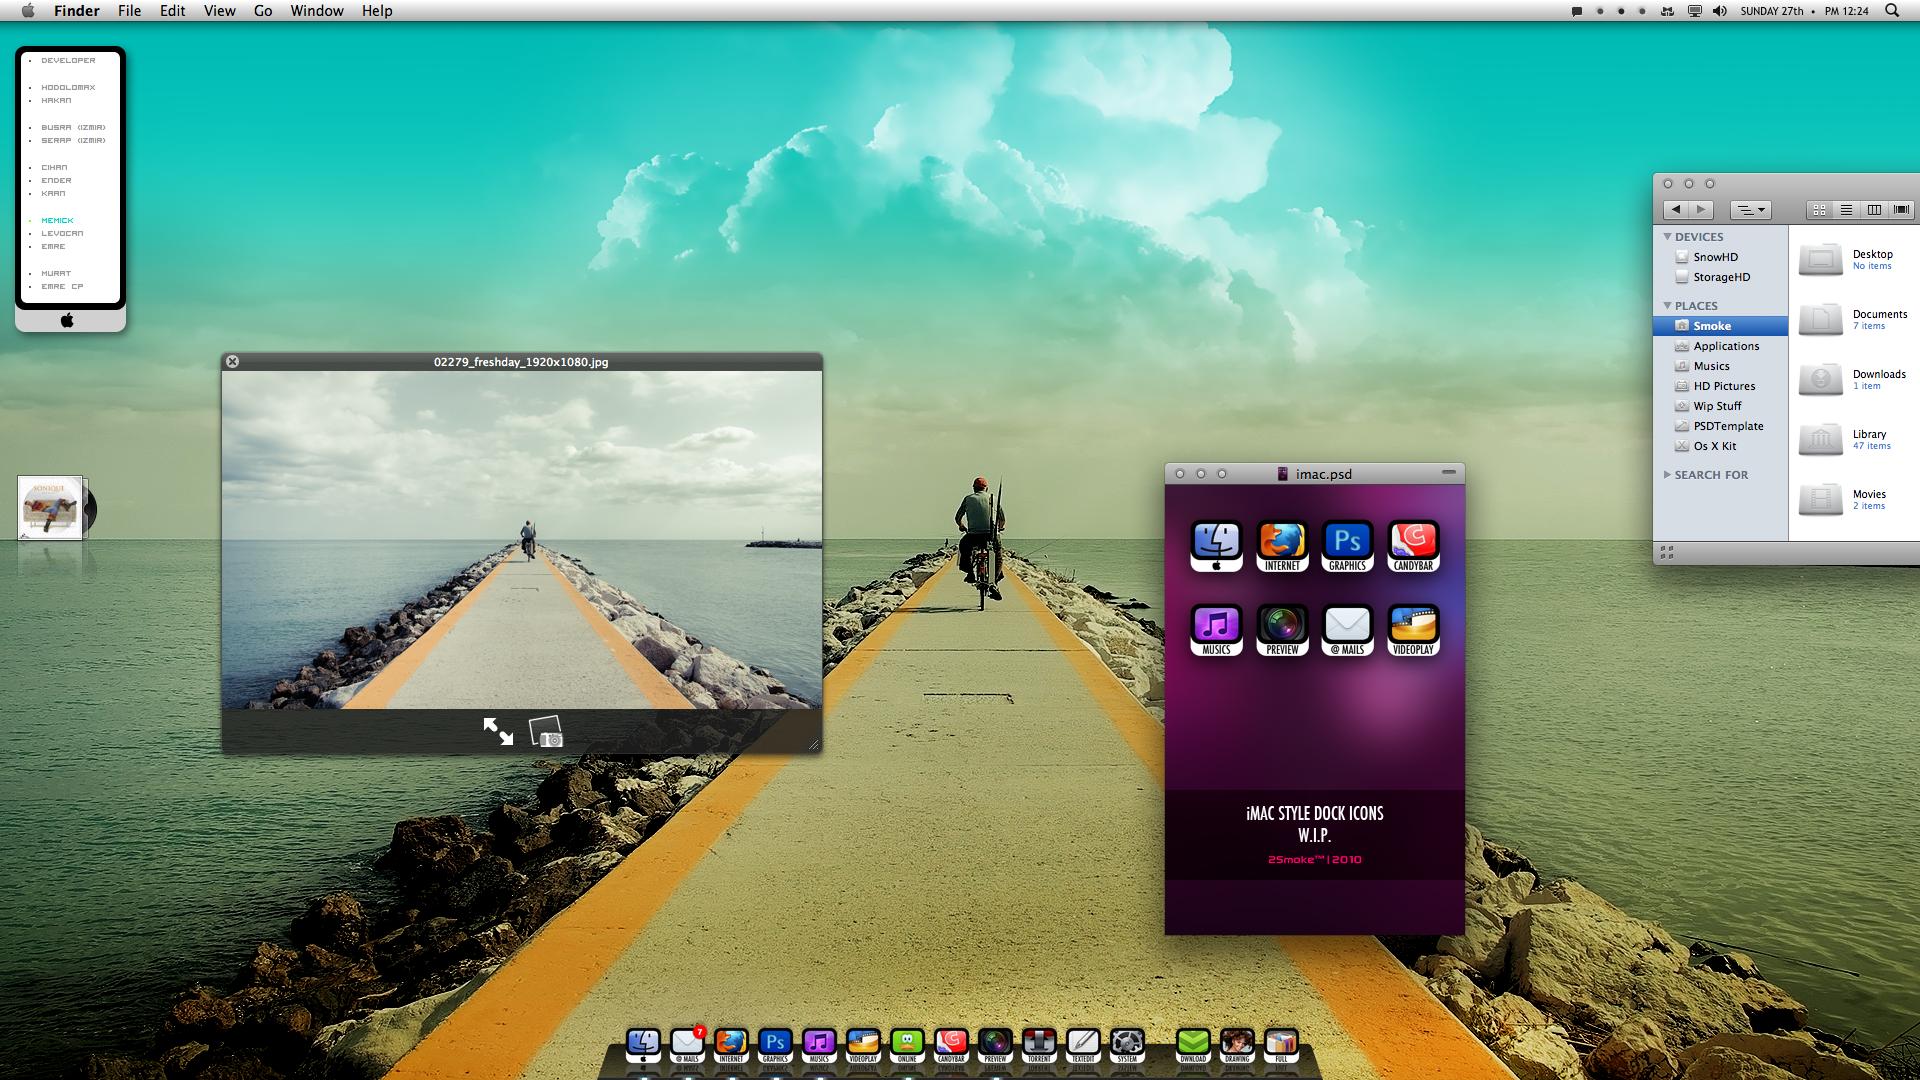 Freshday by neodesktop